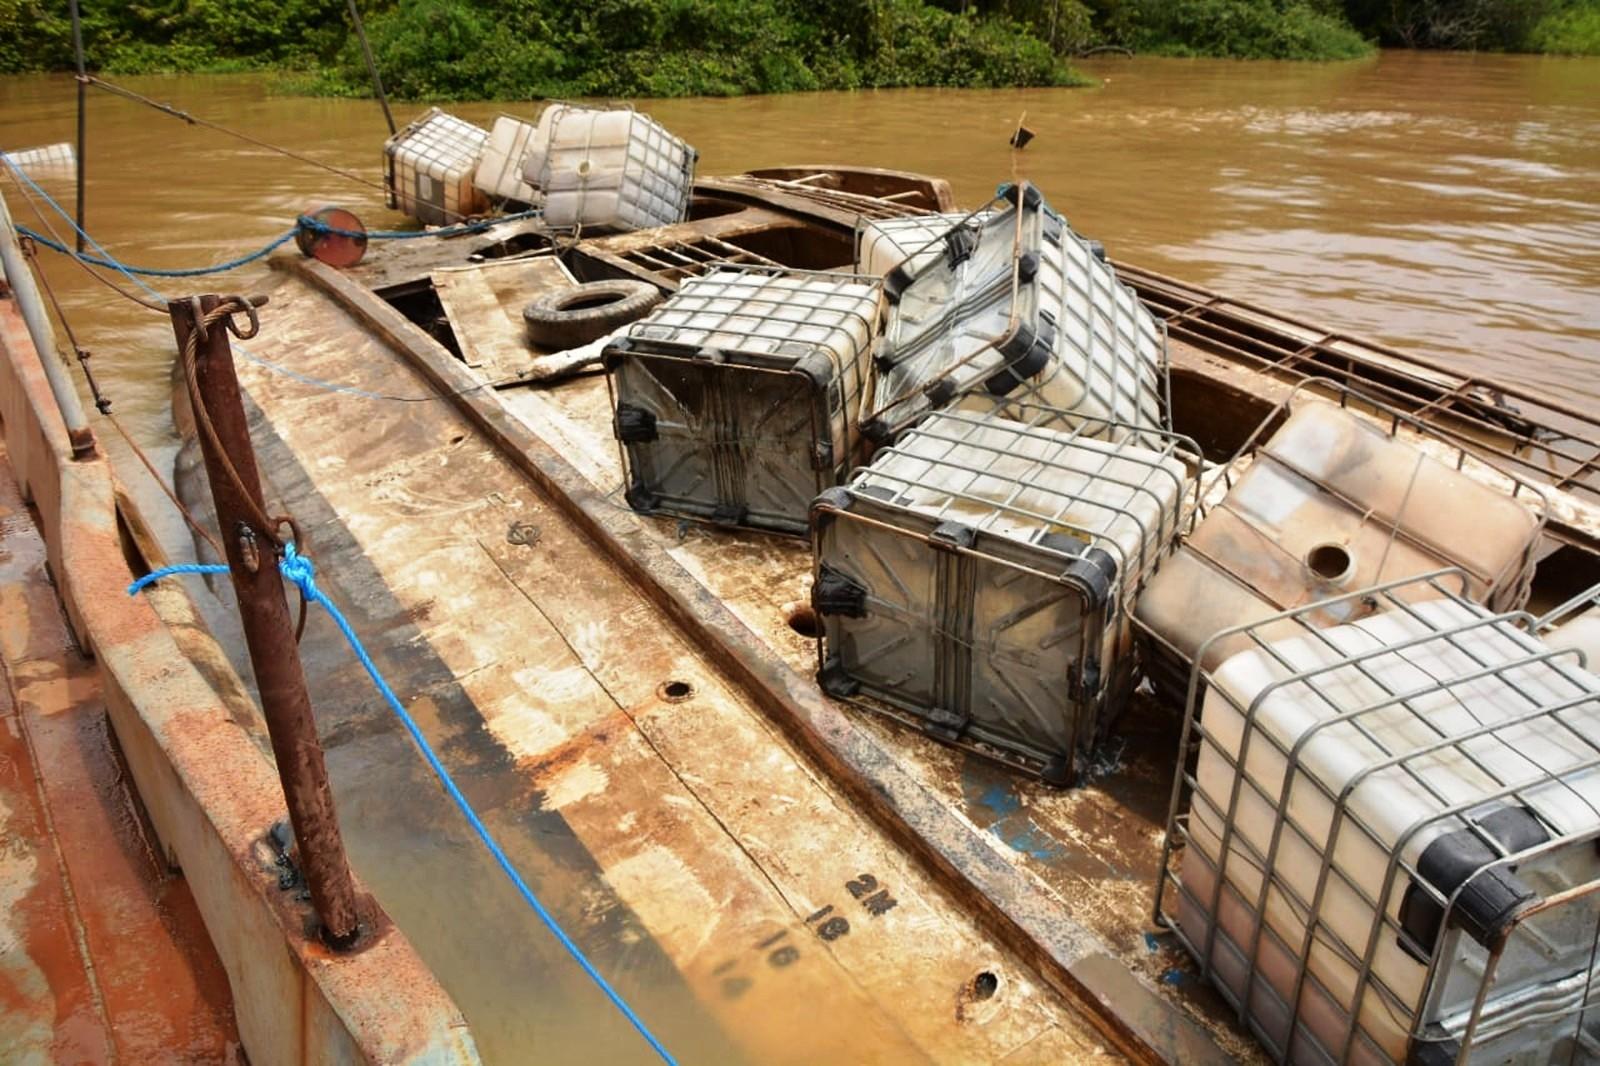 Tribunal do Amapá manda soltar comandante do Anna Karoline; navio é içado